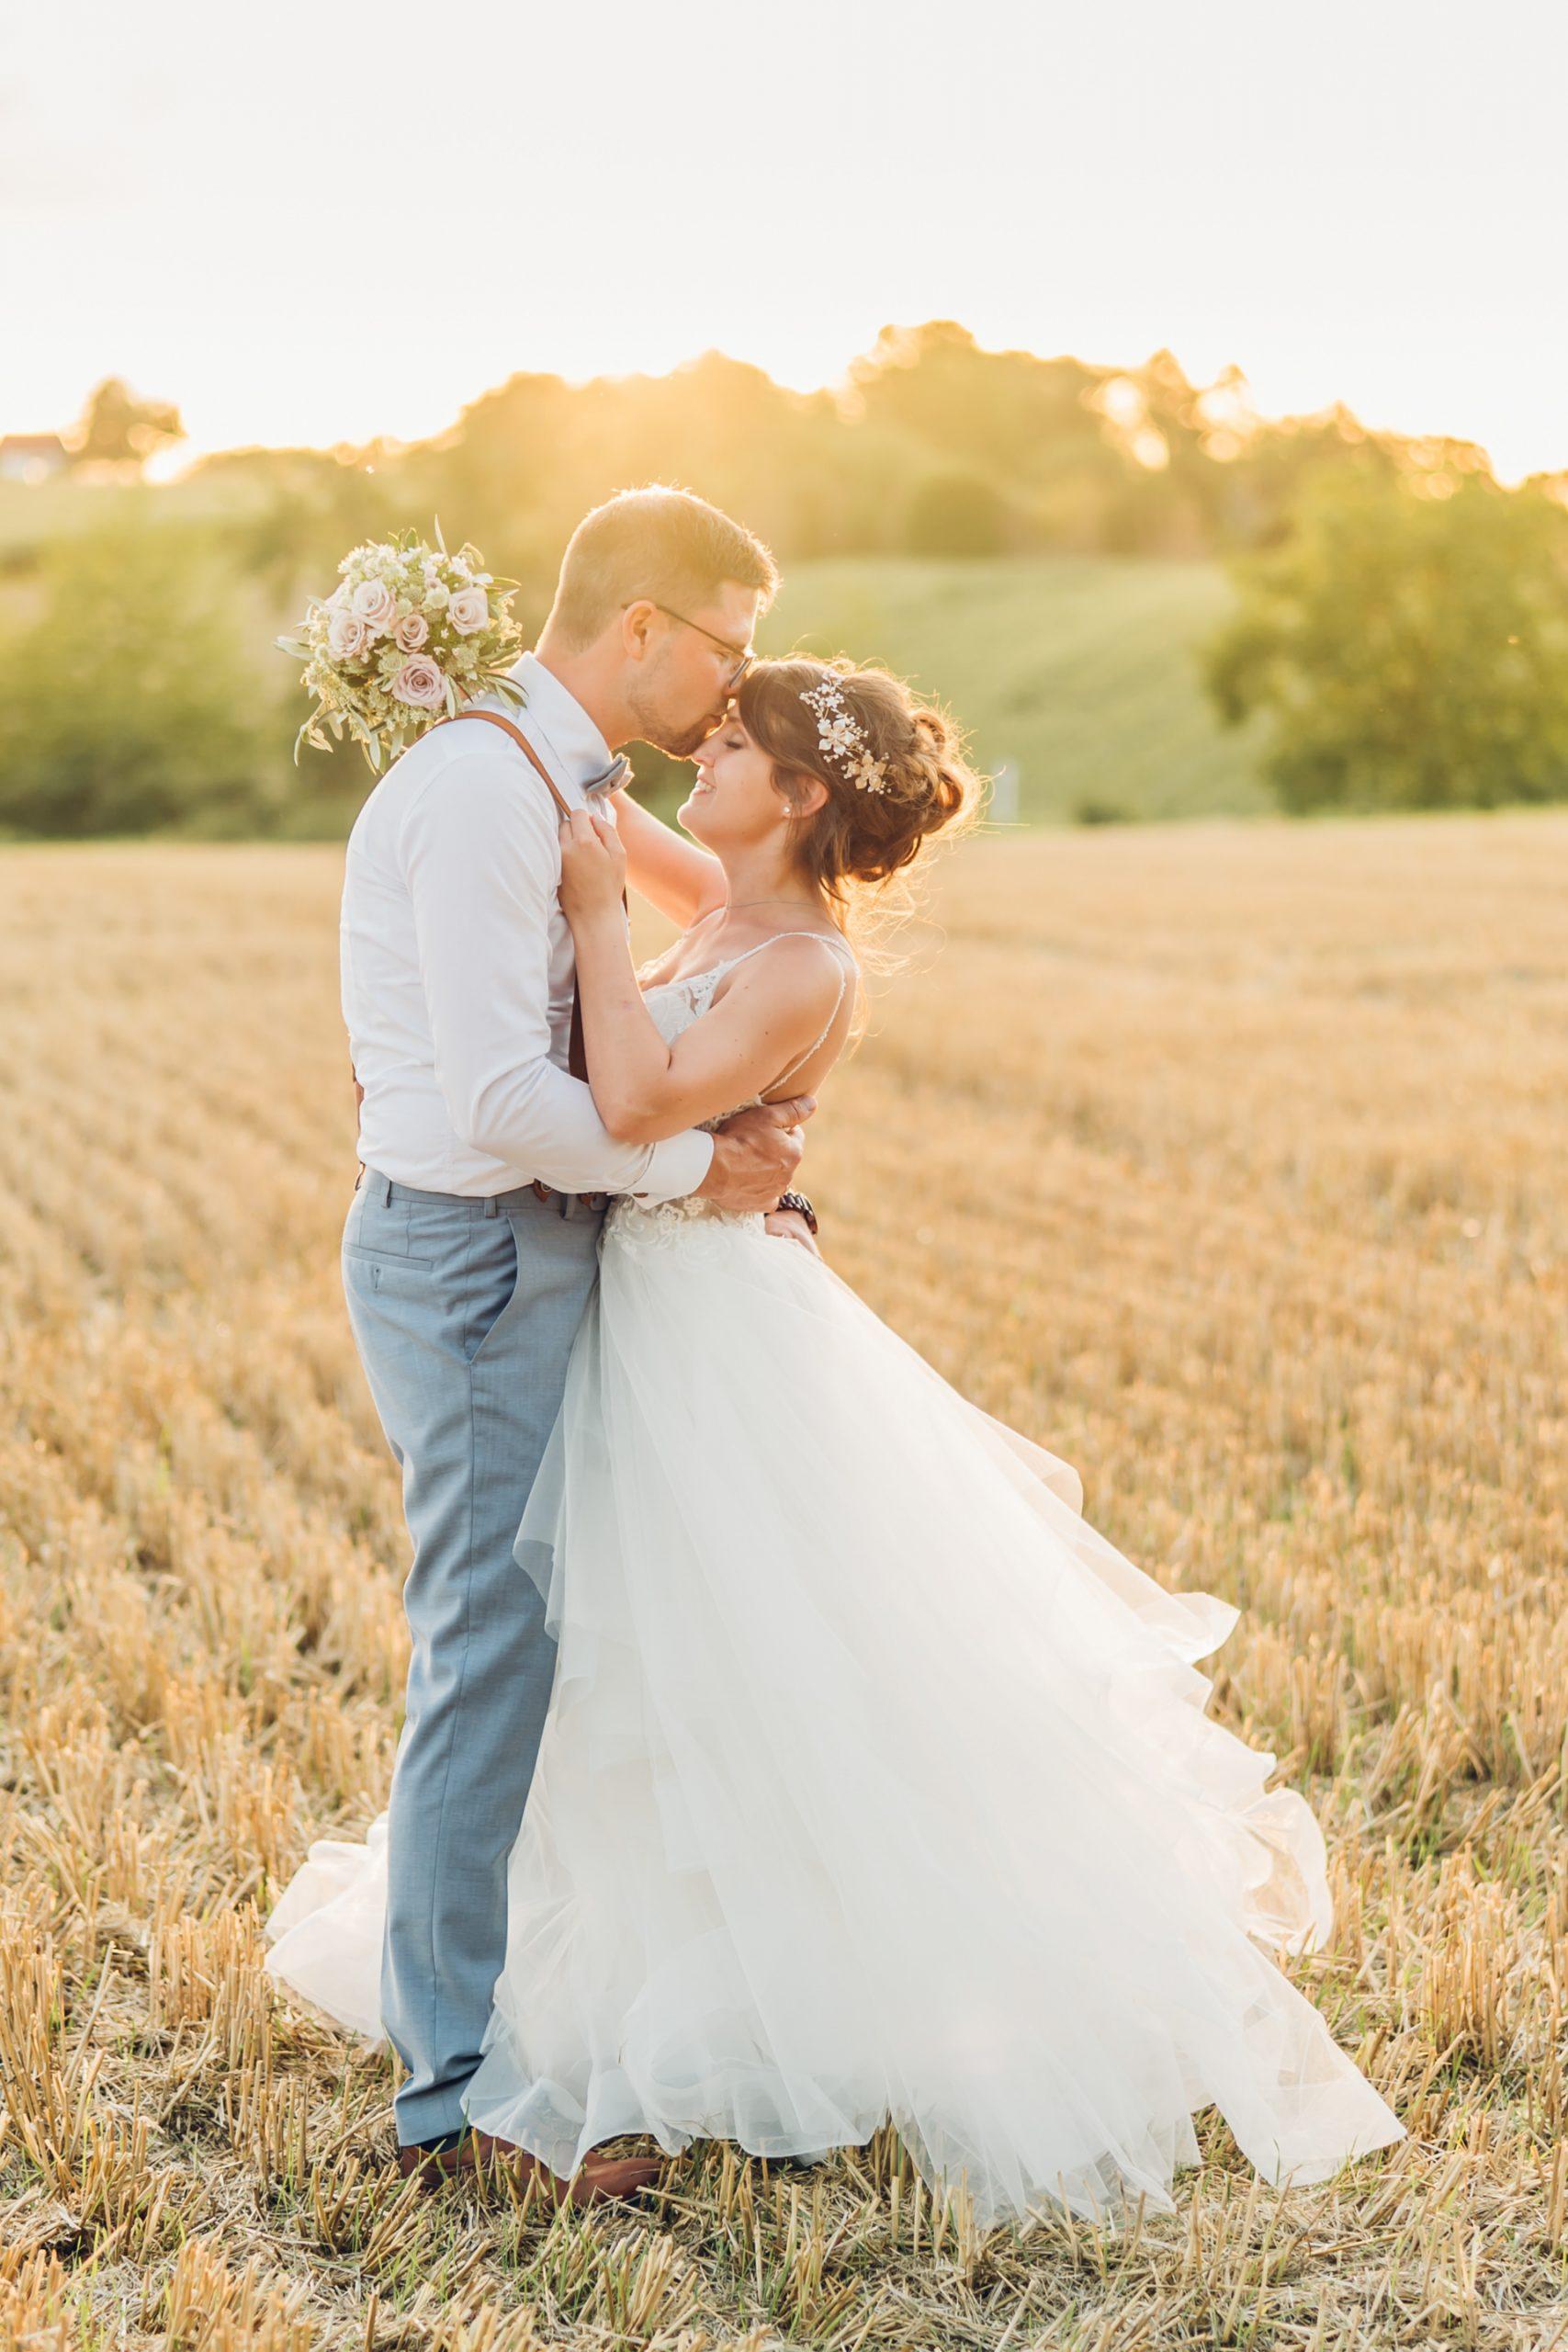 Brautpaarfoto im Sonnenuntergang am Weingut Höflich in Grossostheim